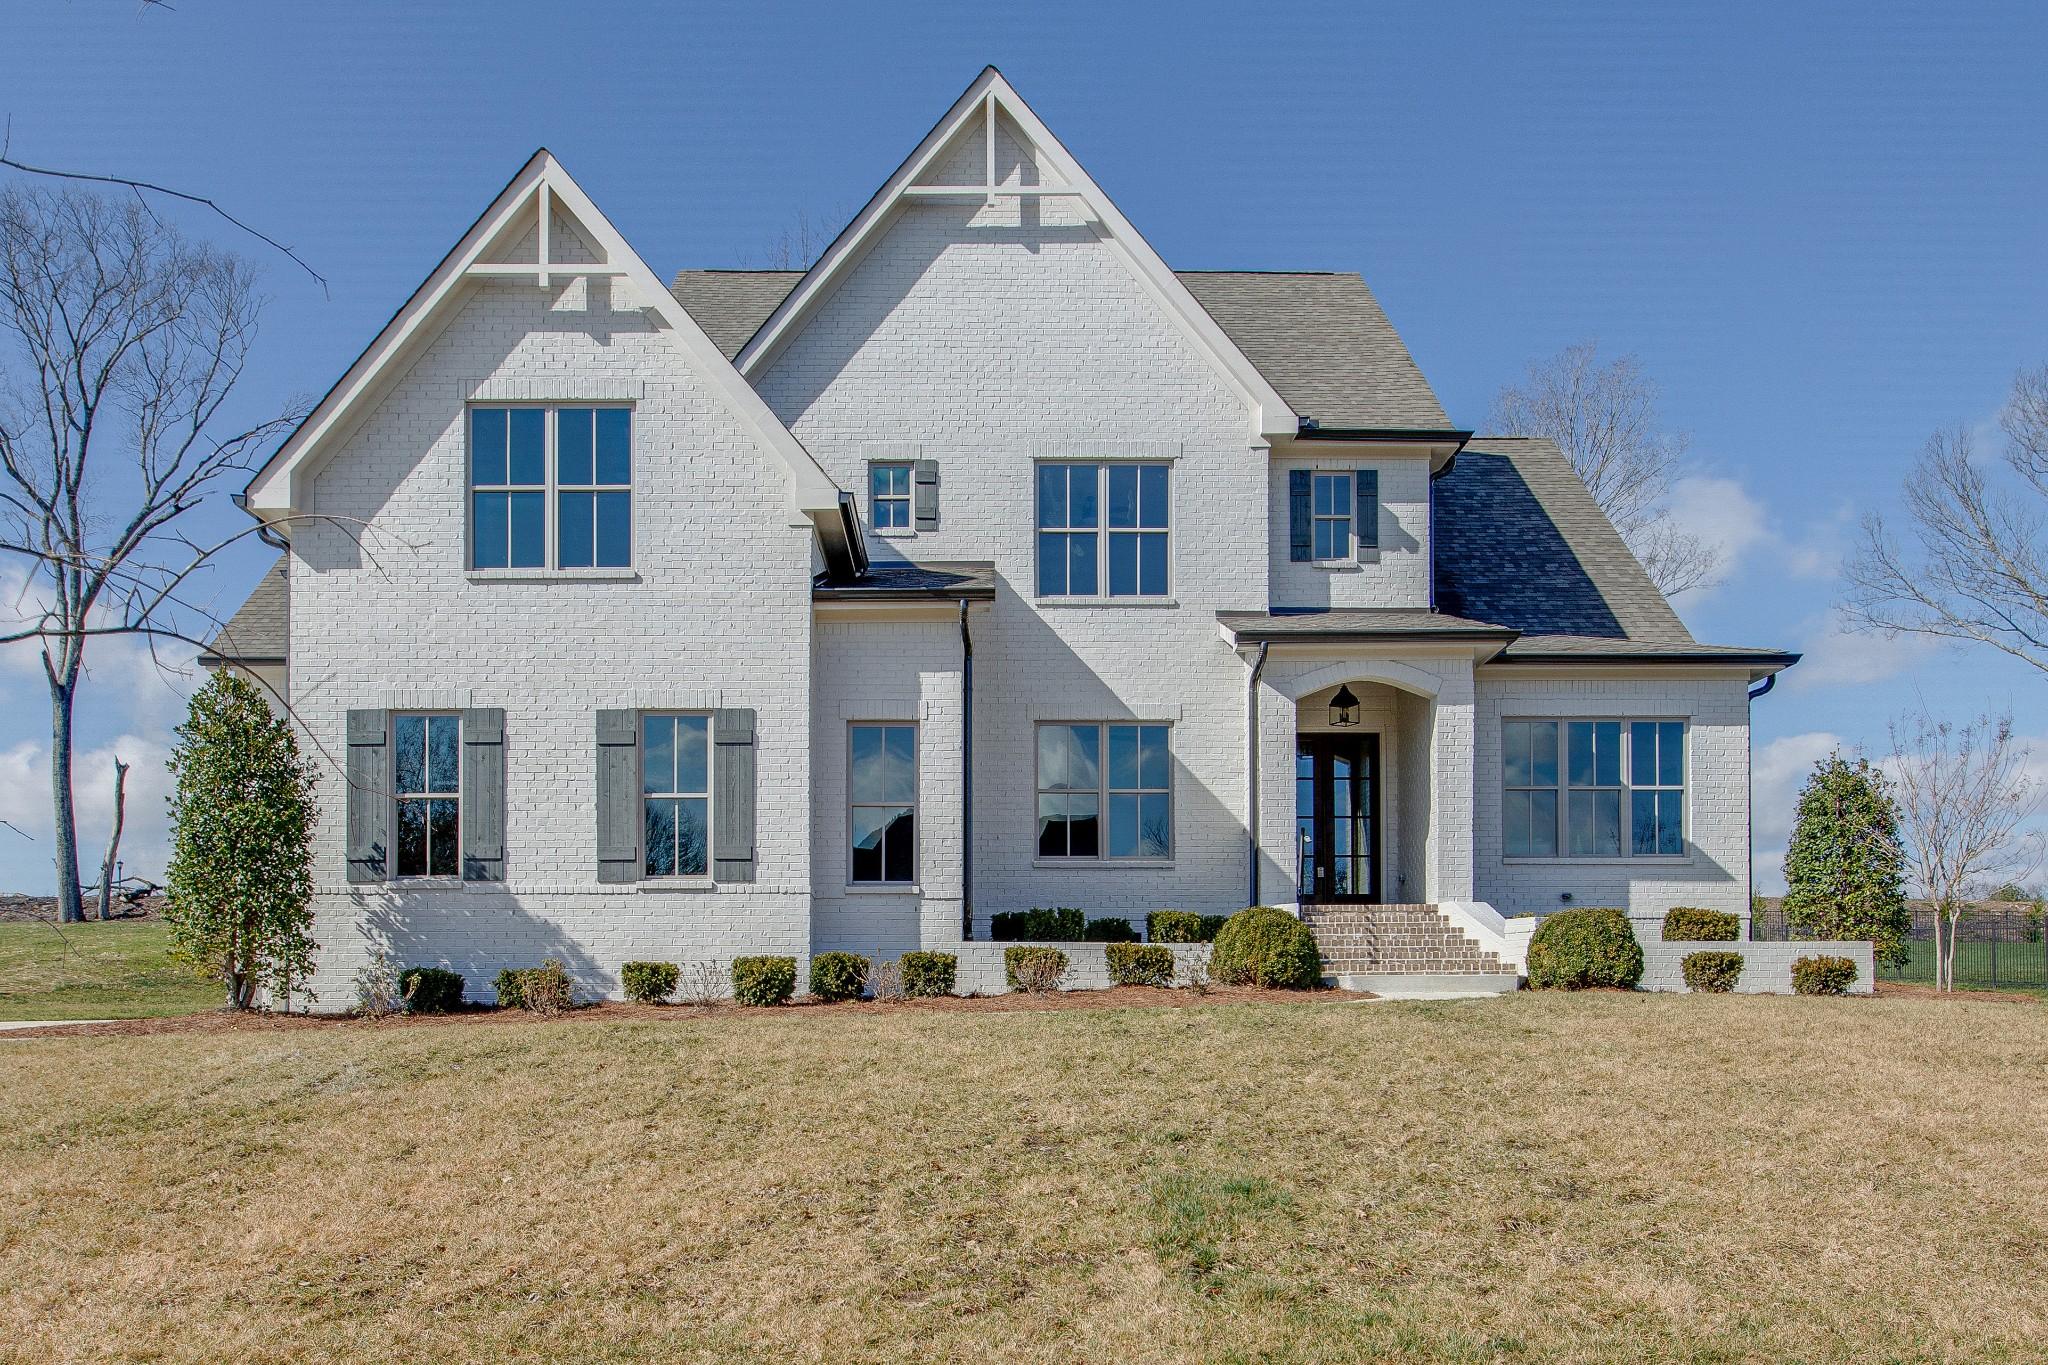 104 Hadley Reserve Ct, Nolensville, TN 37135 - Nolensville, TN real estate listing